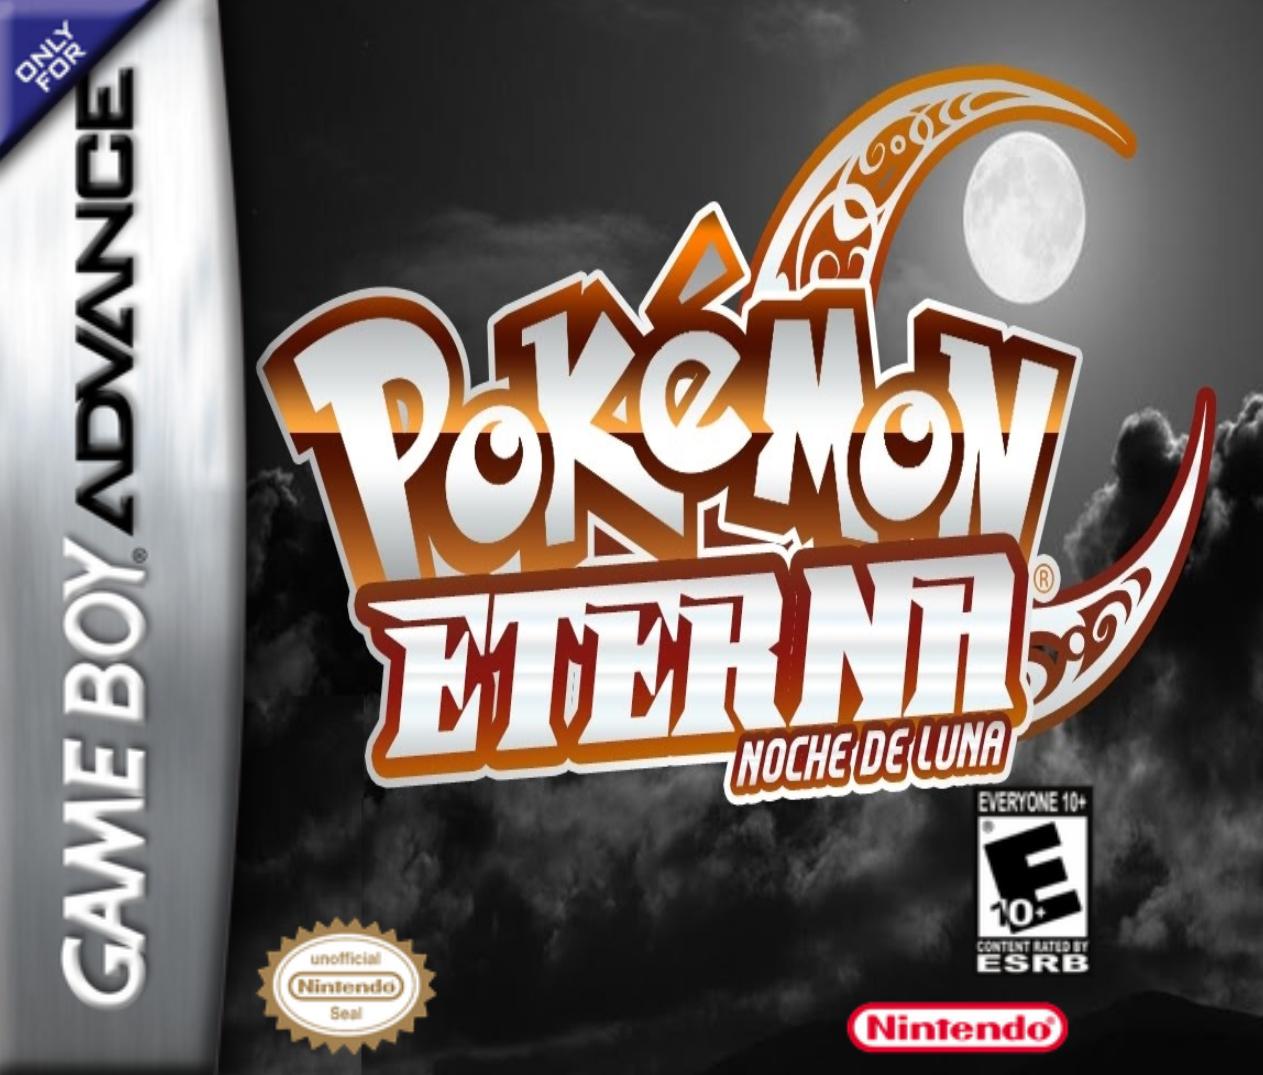 Pokémon Eterna Noche ROM GBA